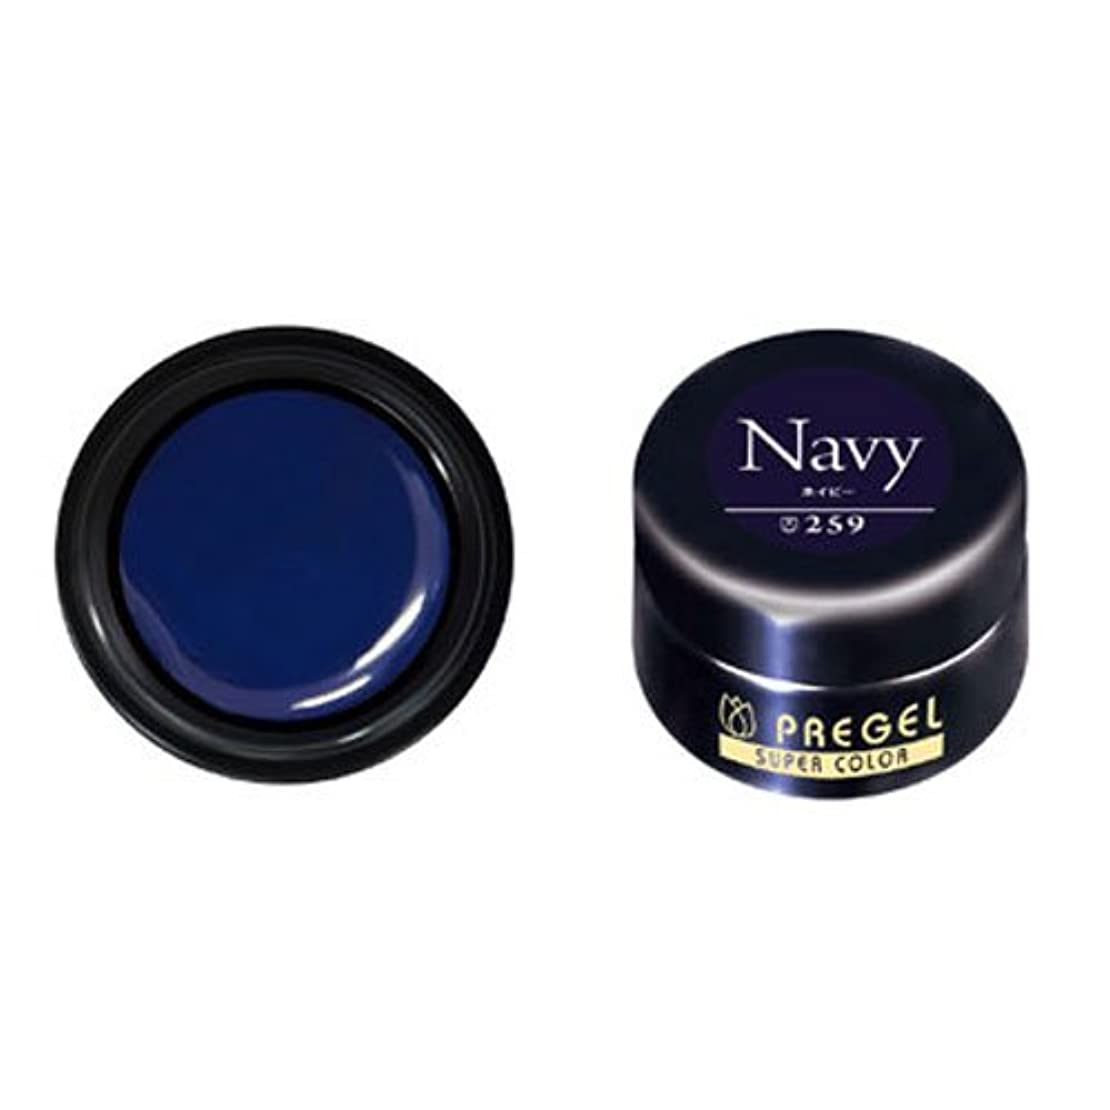 分散曲代表するプリジェル スーパーカラーEX ネイビー 4g PG-SE259 カラージェル UV/LED対応